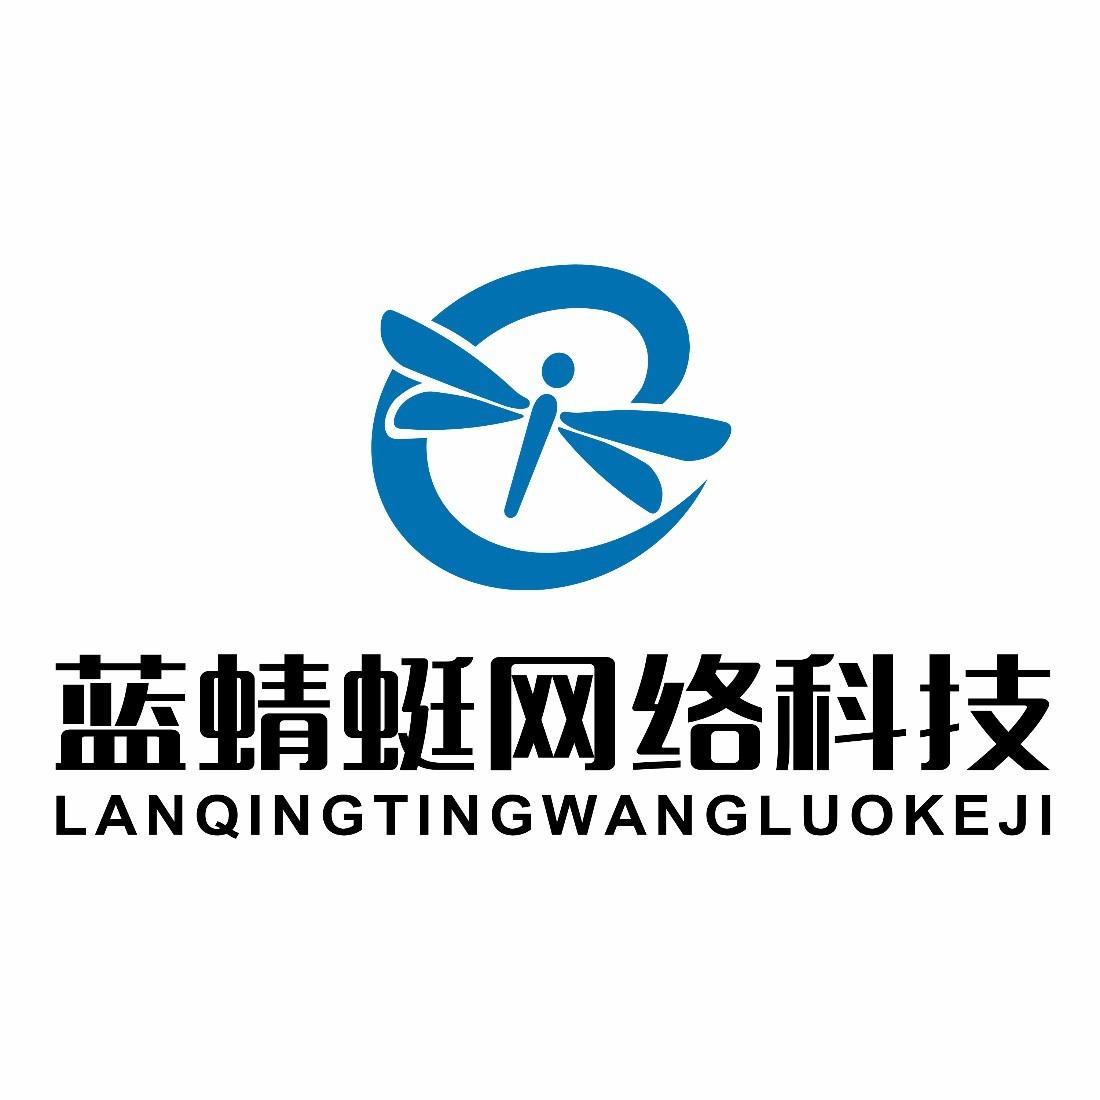 西安藍蜻蜓網絡科技有限公司